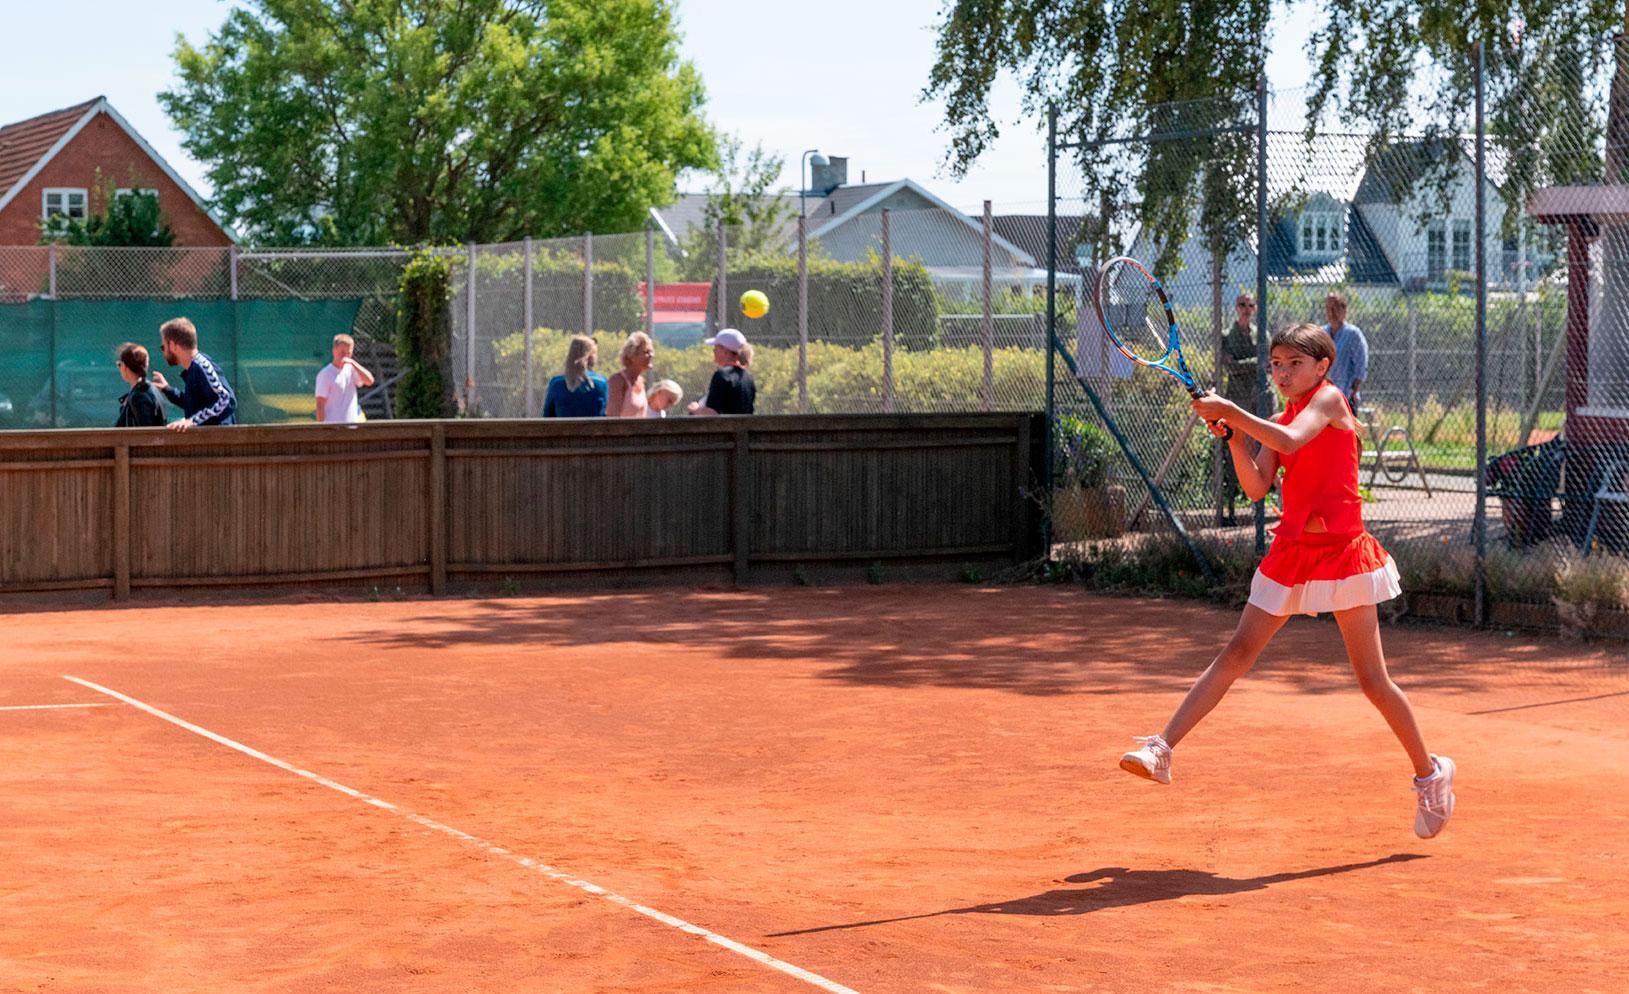 Der blev kæmpet bravt, da Dragør Tennis i weekenden i sjællandsmesterskabsregi lagde baner til mange spændende og velspillede kampe. Foto: TorbenStender.